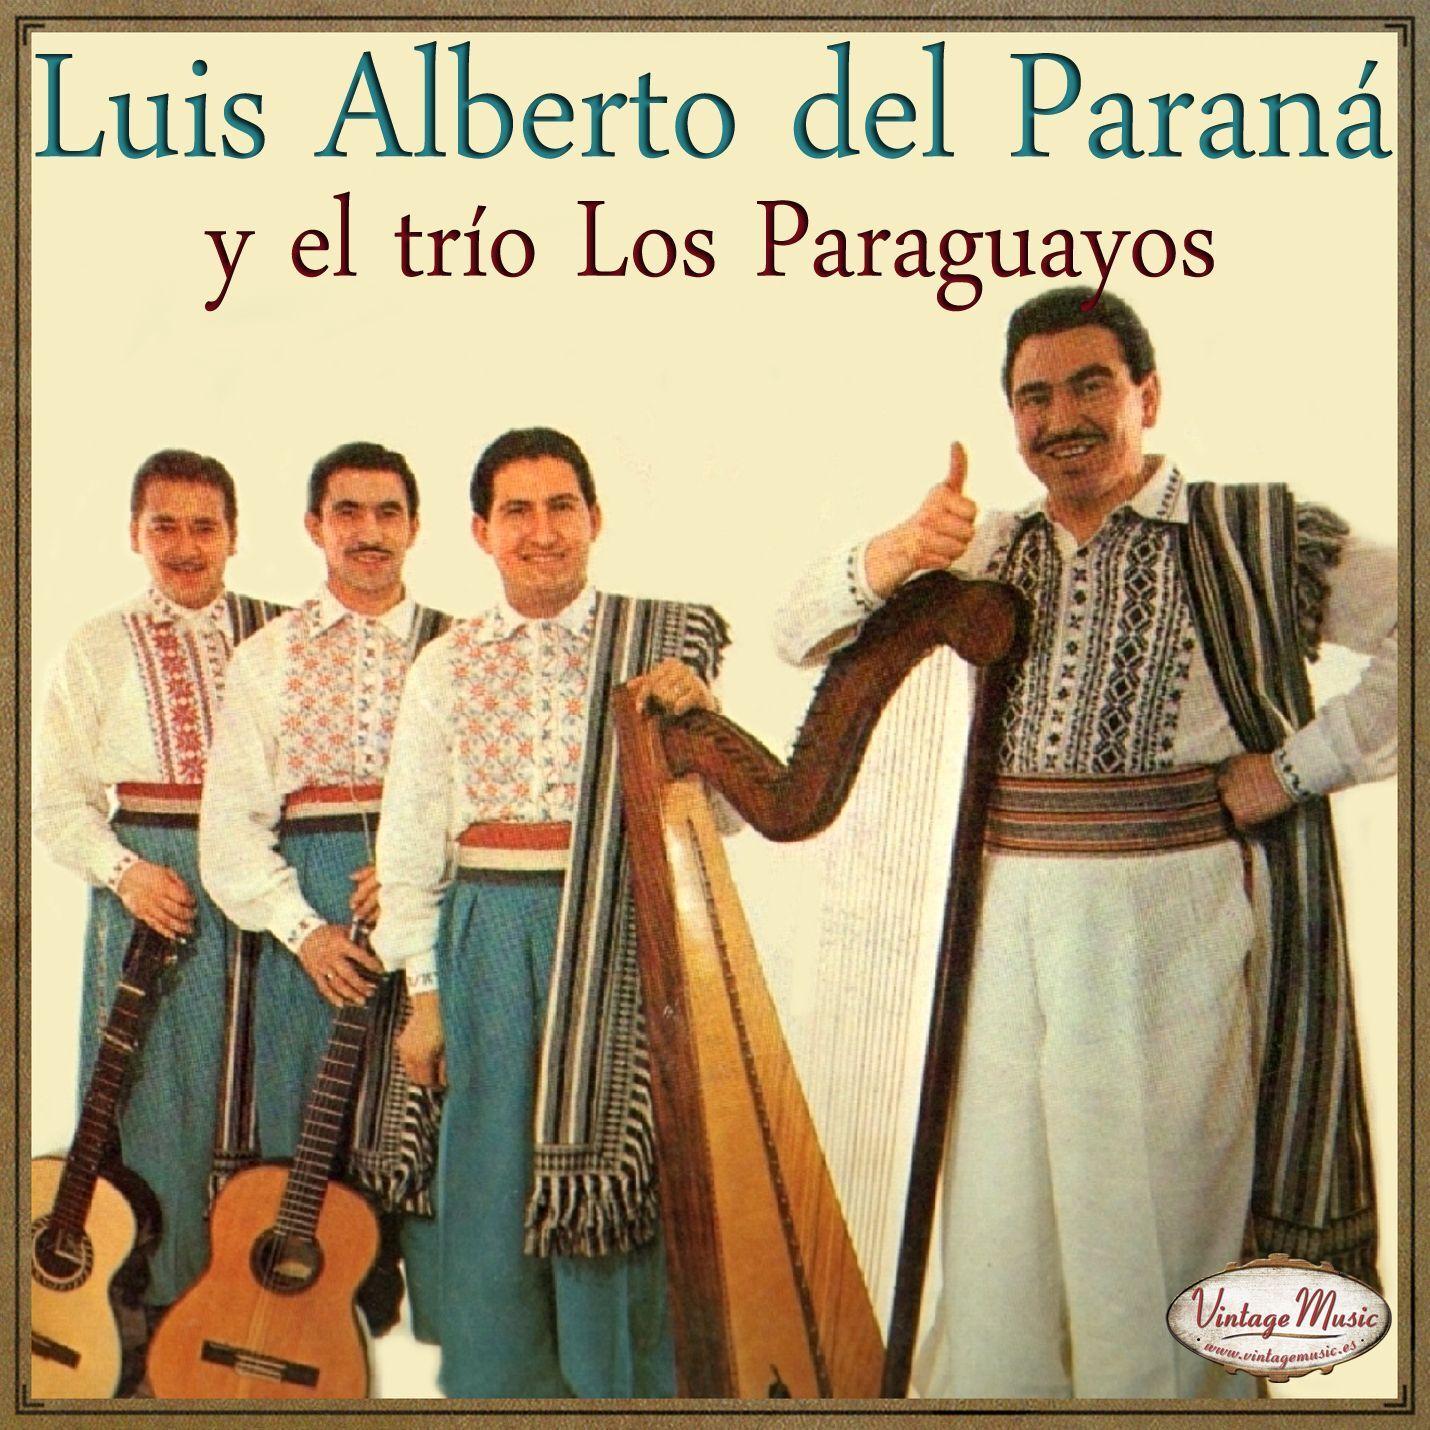 LUIS ALBERTO DEL PARANA TRIO PARAGUAYOS - LUIS ALBERTO DEL PARANA Y TRIO PARAGUAYOS iLatina CD 335 Guantanamera .... - CD